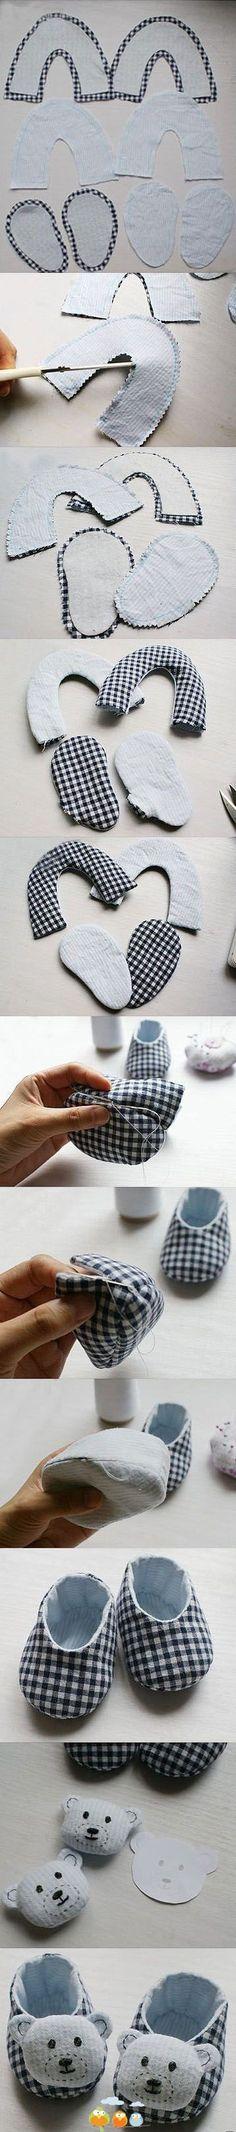 [누구나할수있는] TOMS 신발 만들기 함께하실분 :D 아기신발 만들기 / 아기신발패턴 / 아기신발 / 성...